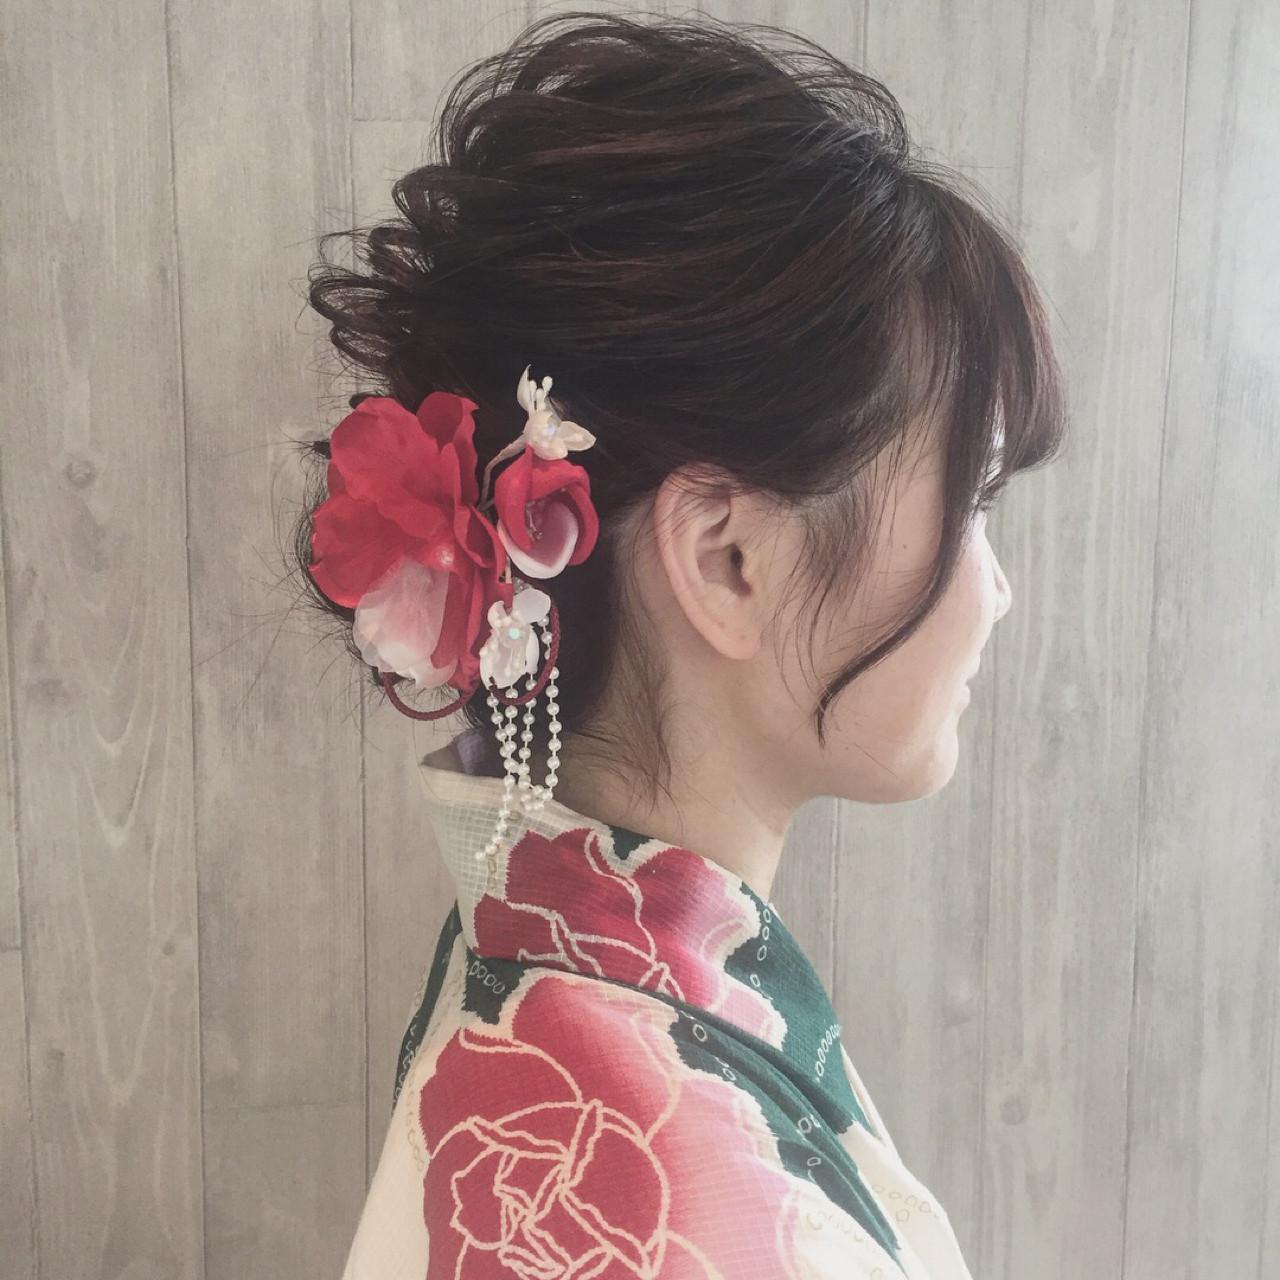 ガーリー 夏 お祭り 色気 ヘアスタイルや髪型の写真・画像 | 宮田 恵里香 / igloo